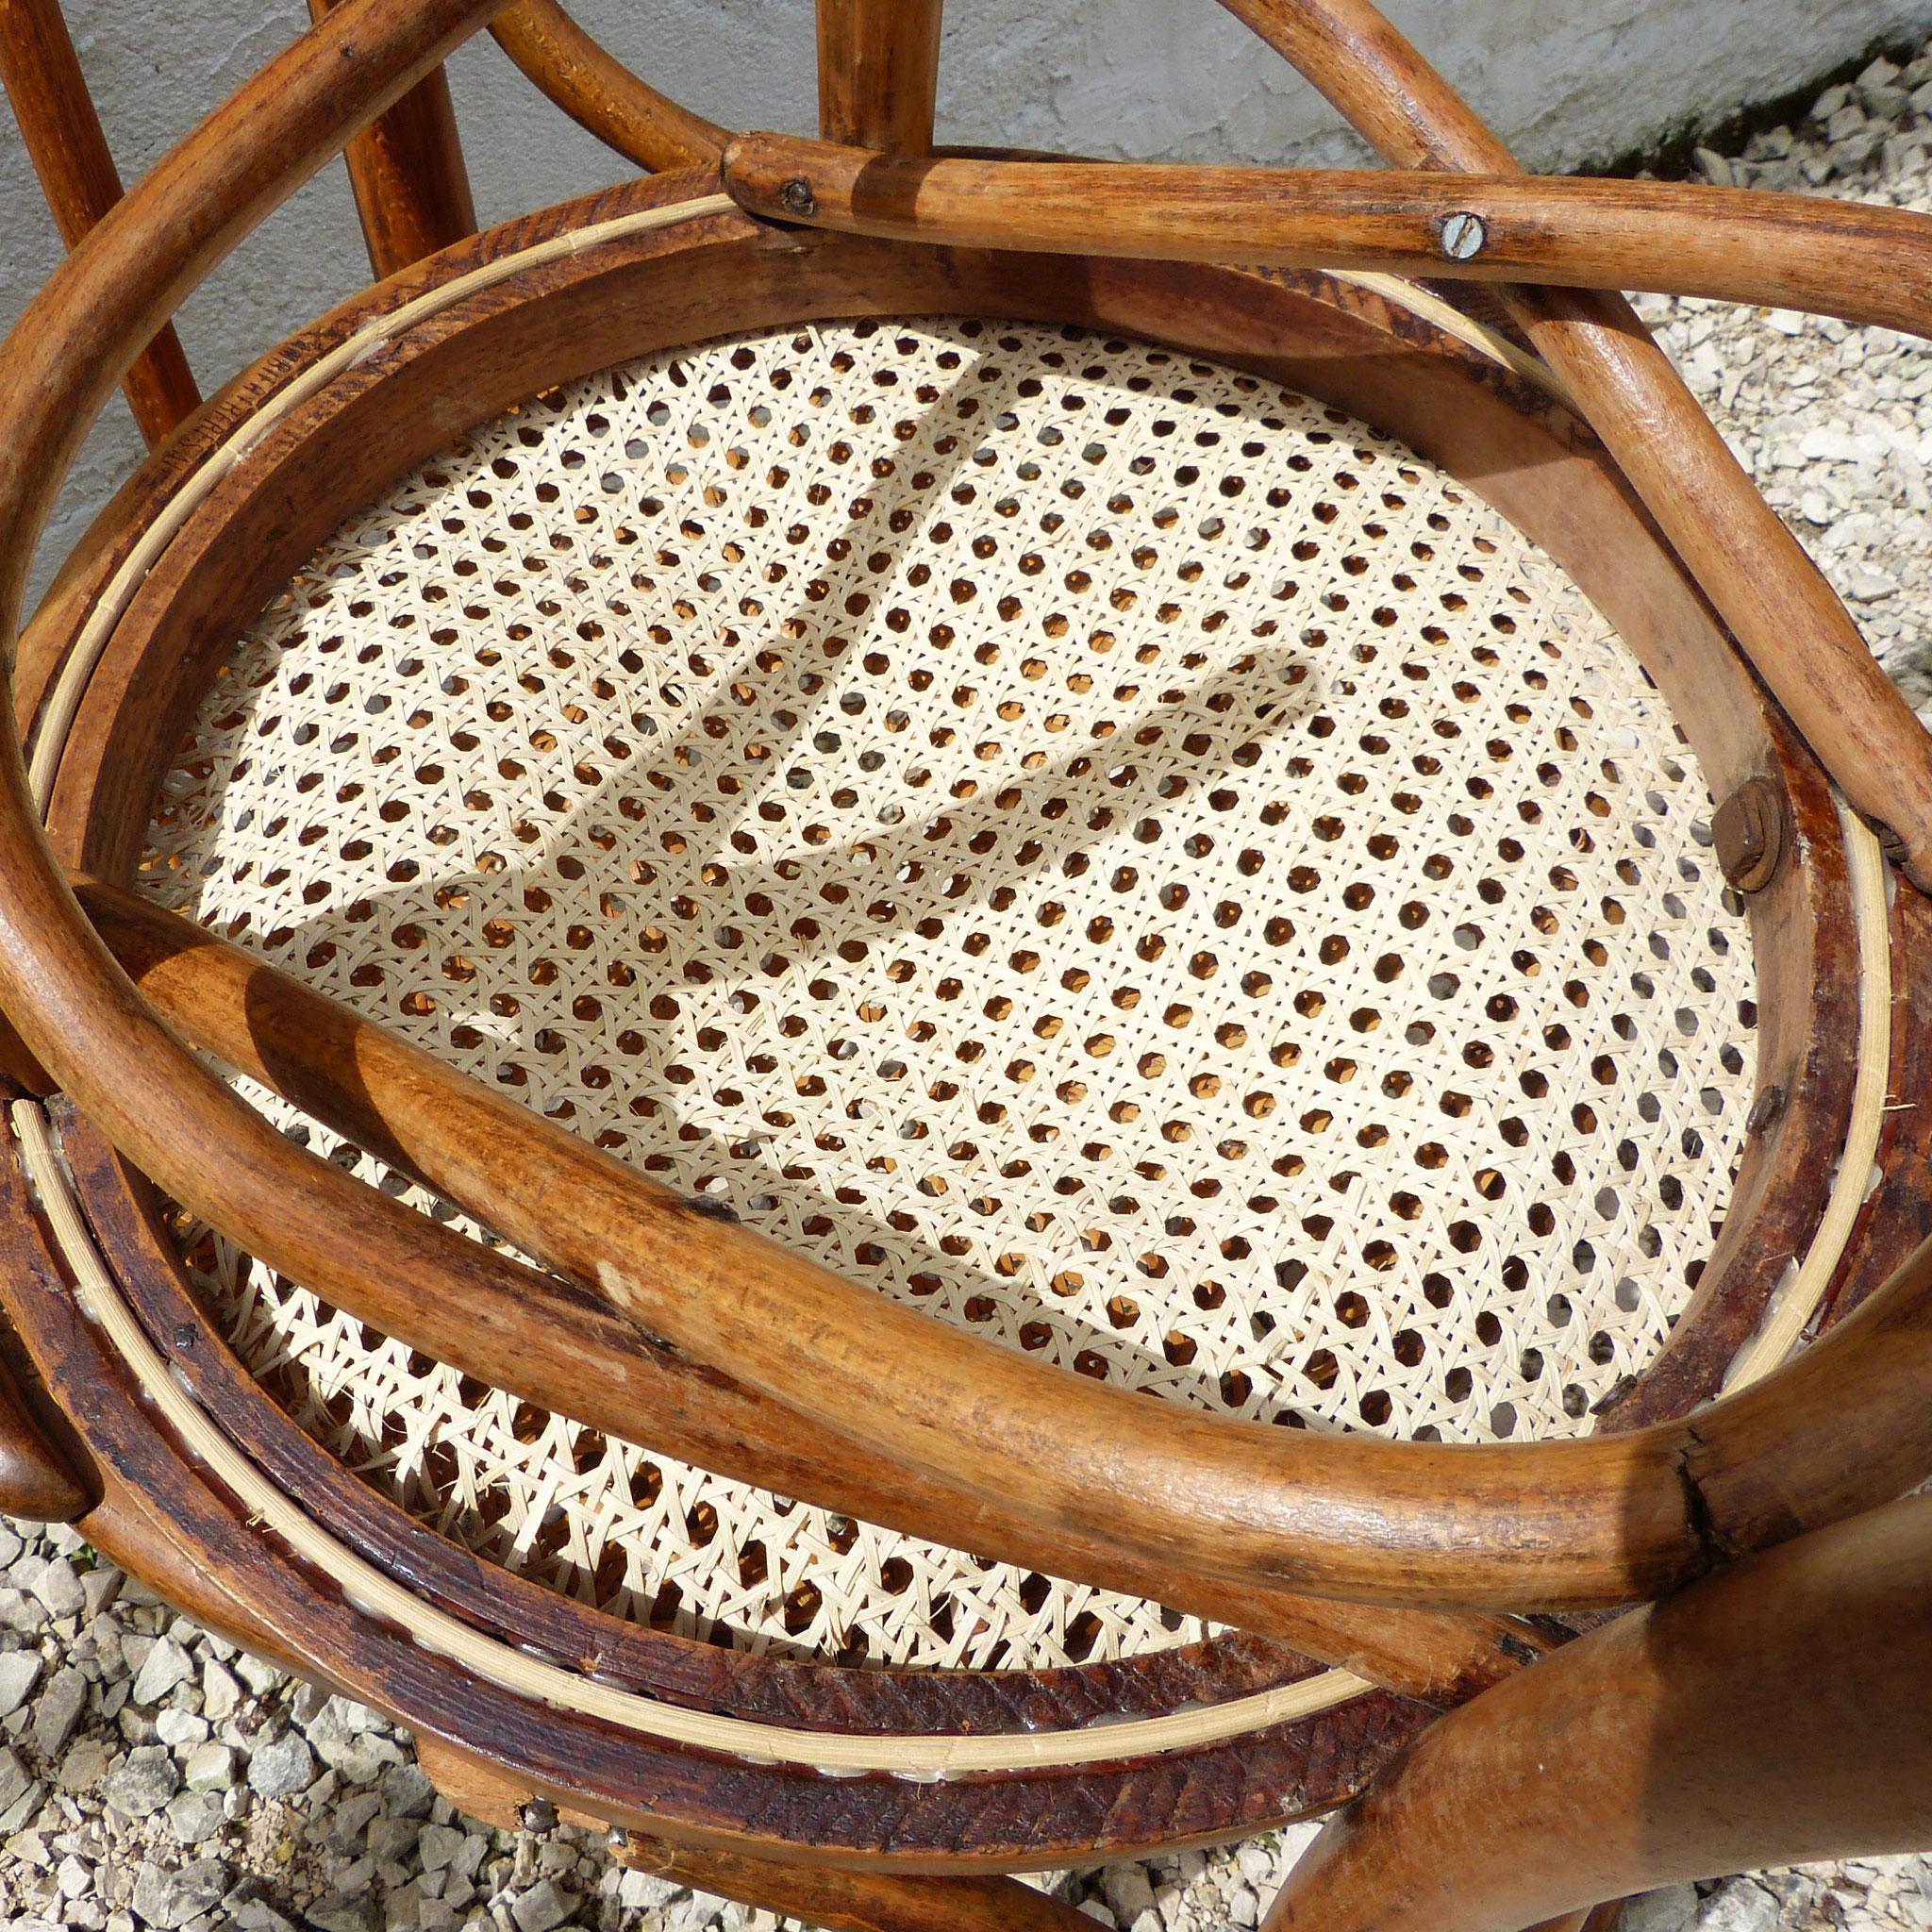 Brins coupés et gorge pleine de colle = faux cannage à l'ancienne ! / False handmade canework !